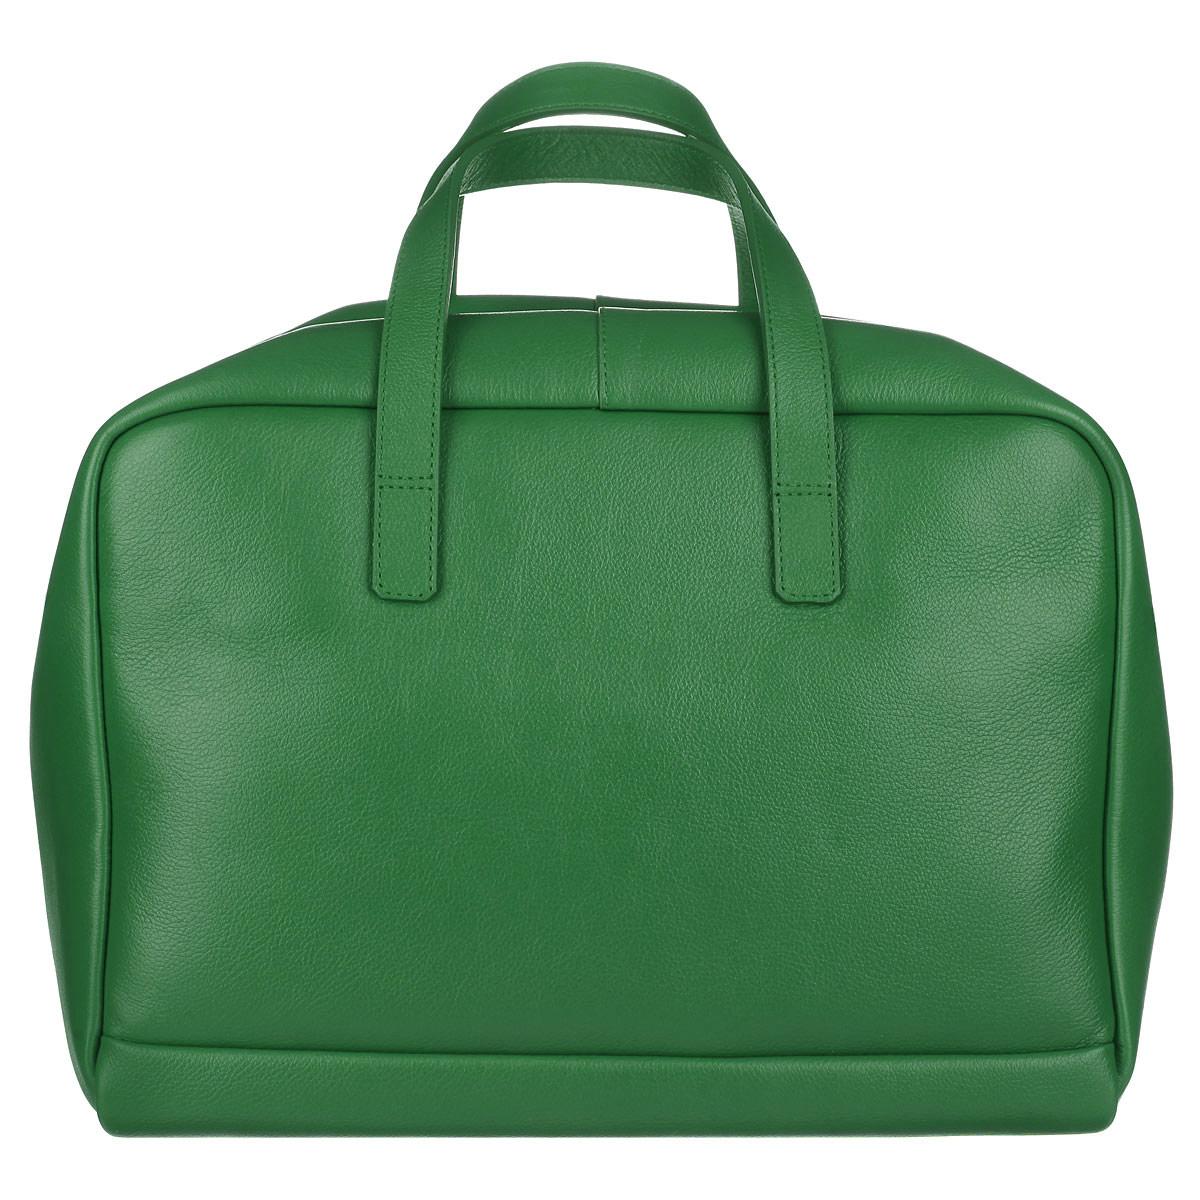 Сумка женская Fabula, цвет: зеленый. S.143.FP23008Современная вместительная женская сумка Fabula из коллекции Every day выполнена из натуральной кожи. Эта модель понравится практичным модницам. Здесь стиль и функциональность превосходно сочетаются и гармонично завершают практически любой образ. Закрывается сумка на застежку-молнию. Внутри основное отделение содержит четыре боковых нашивных кармана для телефона, документов и различных мелочей. Сумка оснащена ручками для ношения в руке или сгибе локтя. В комплекте ручка-ремень. Такая стильная и в то же время, элегантная сумка - станет идеальным дополнением к вашему образу!Ширина сумки - 30 см, высота - 22 см, ширина боковой стенки - 18,5 см.